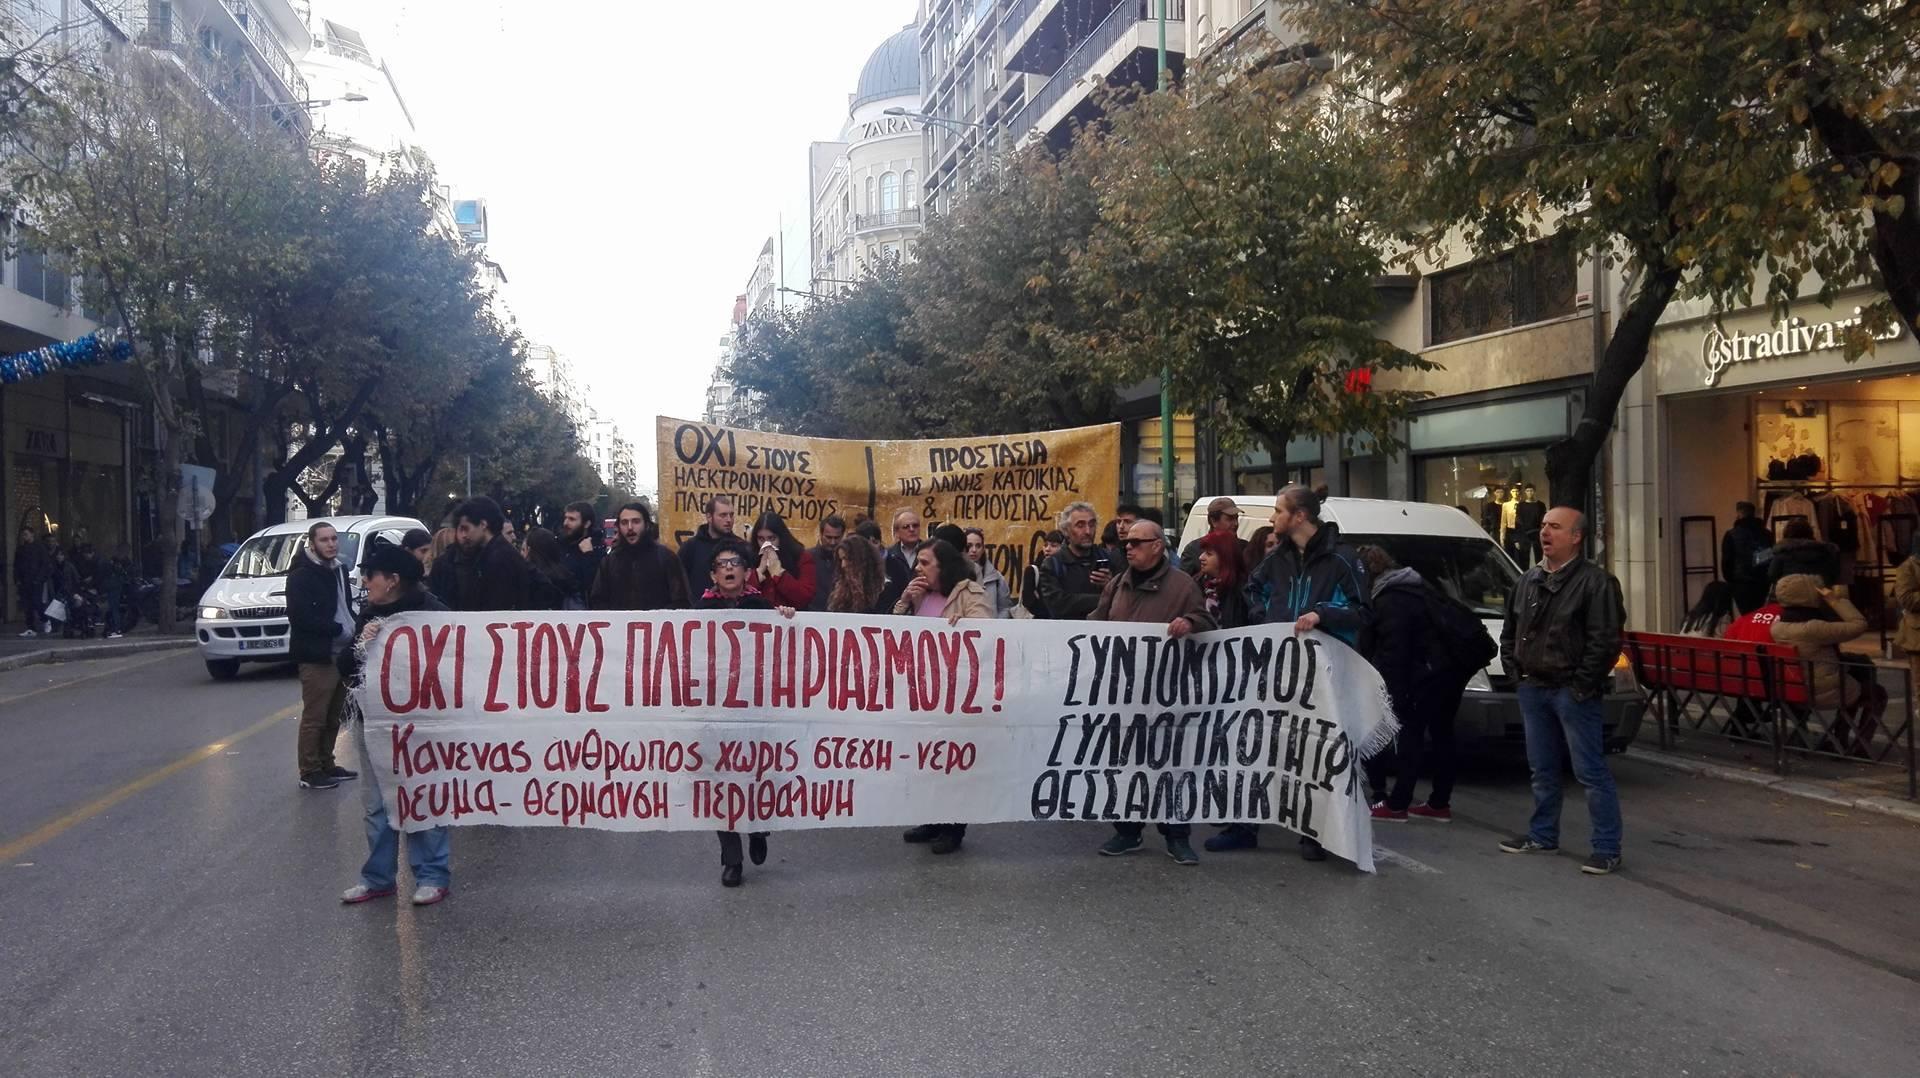 Πορεία ενάντια στους πλειστηριασμούς στο κέντρο της Θεσσαλονίκης